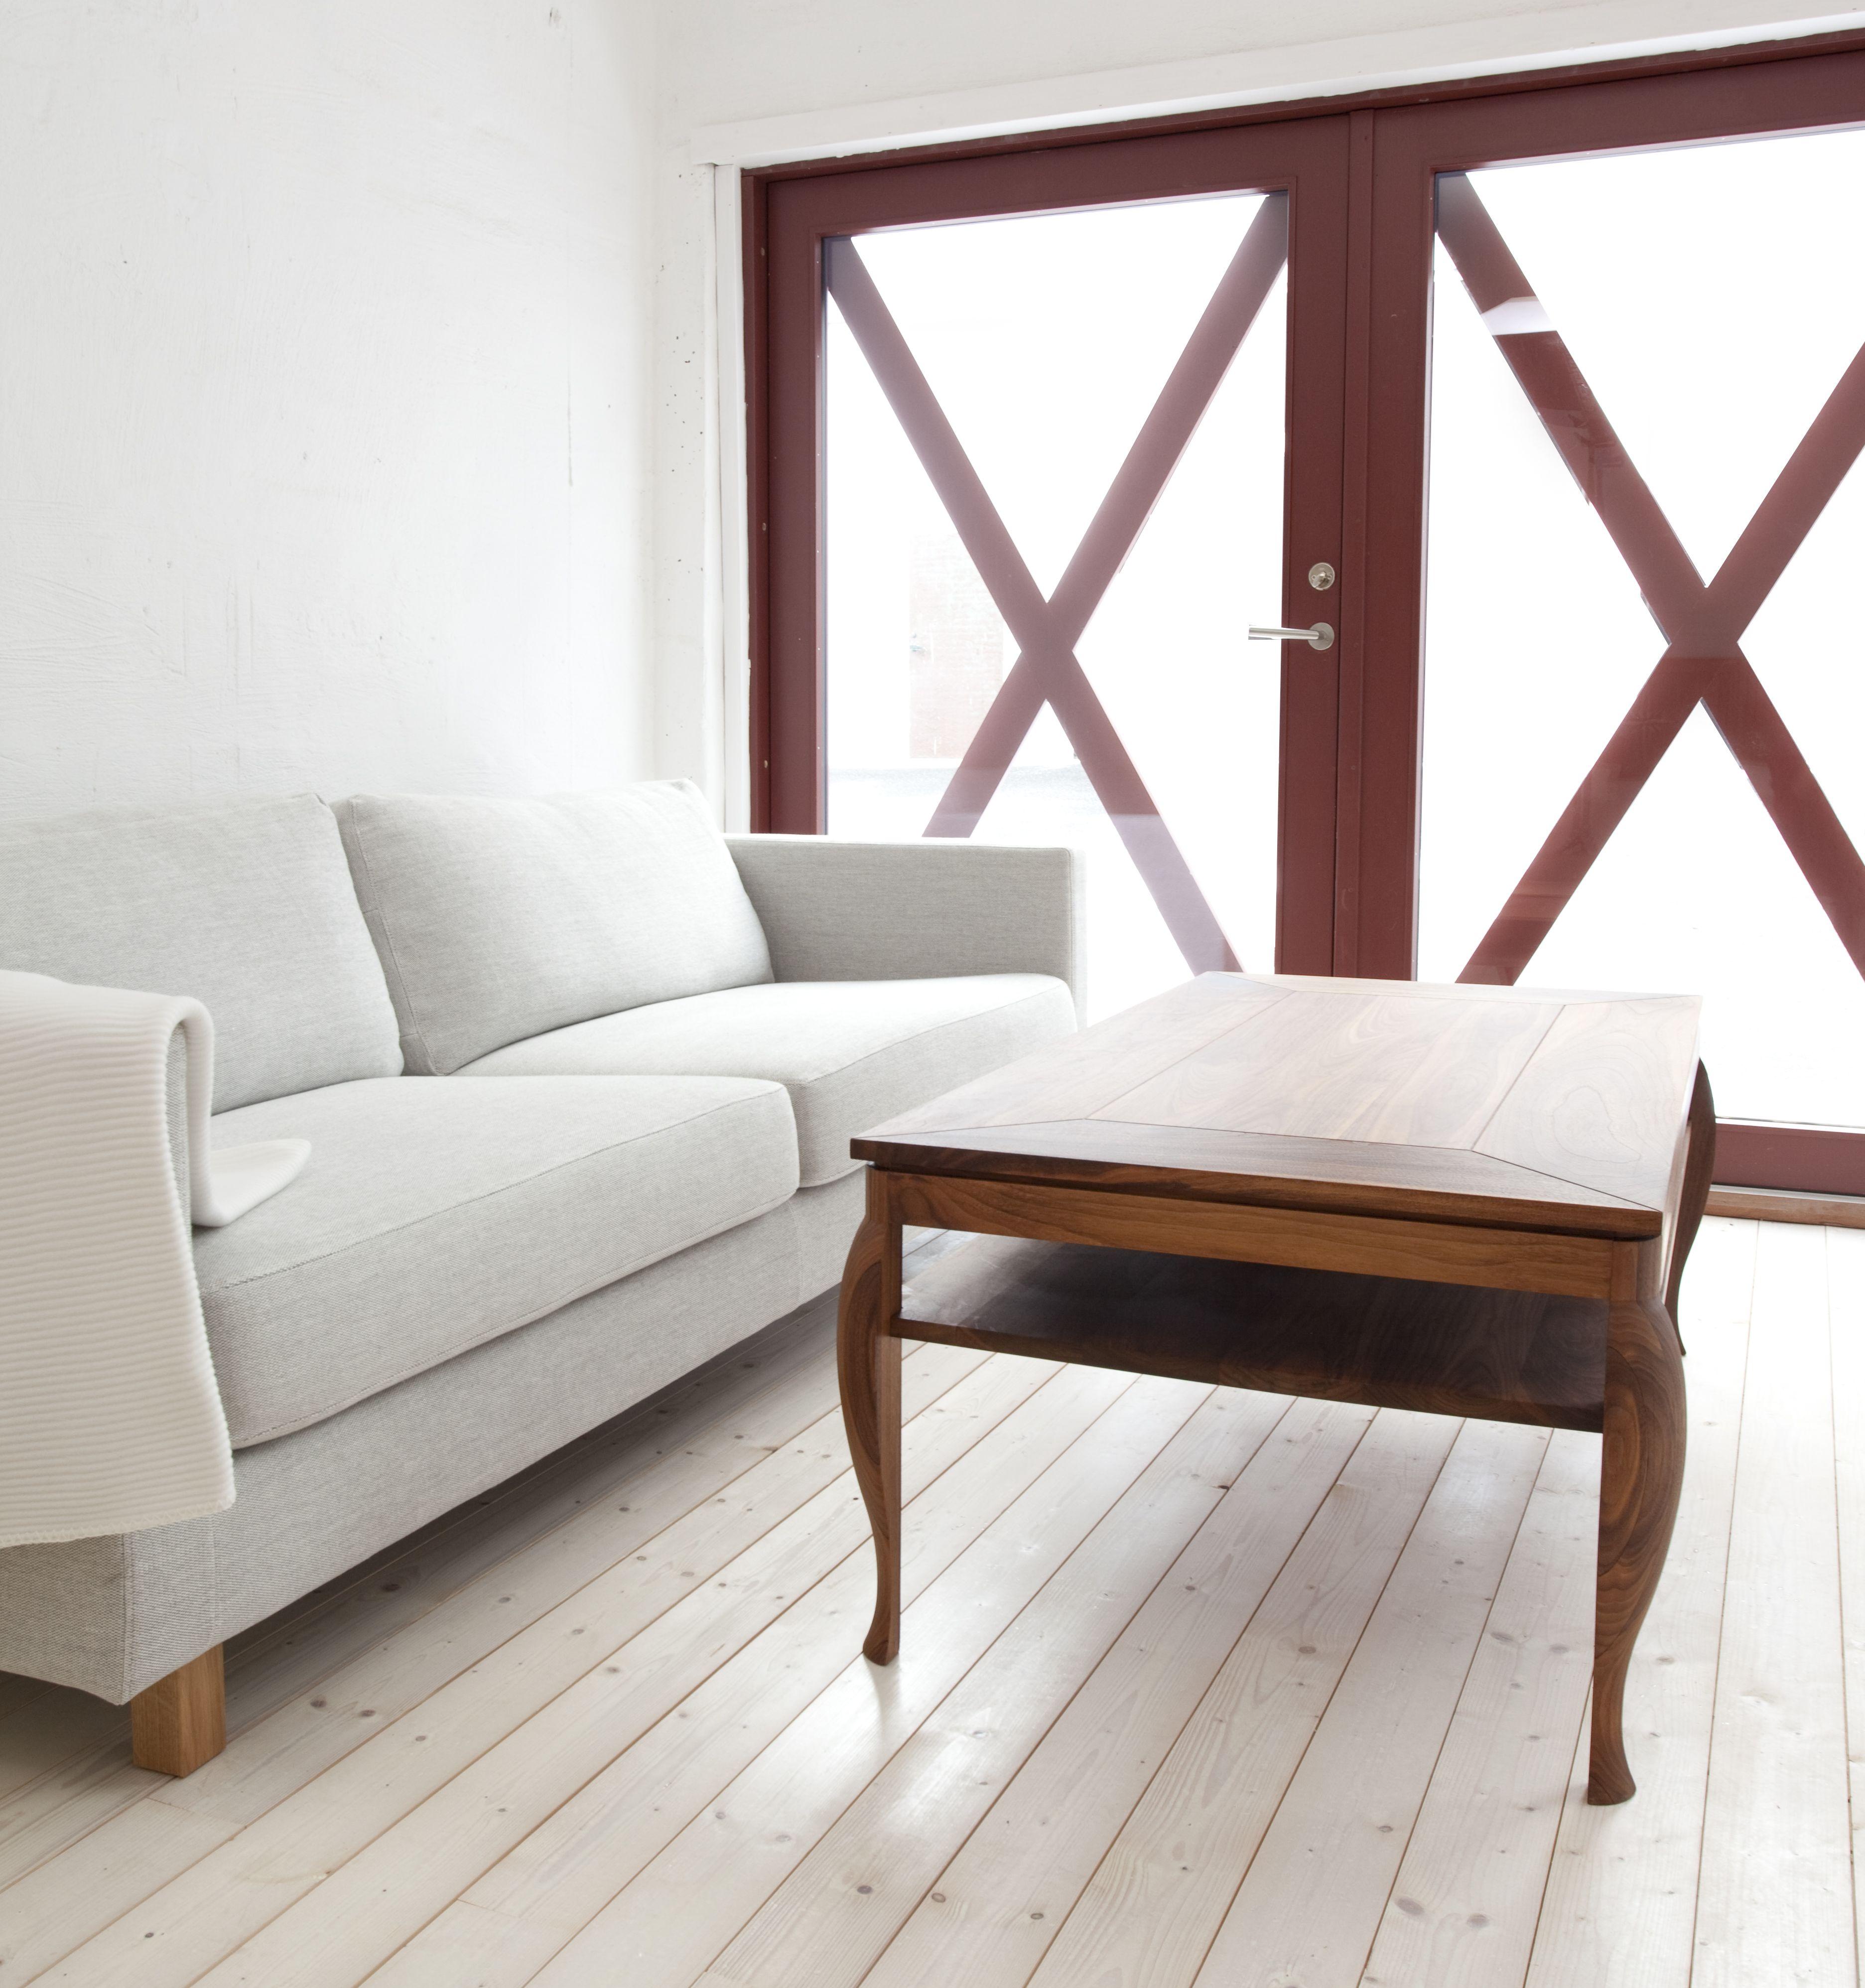 10+ bästa bilderna på Handgjorda möbler från Bovalls